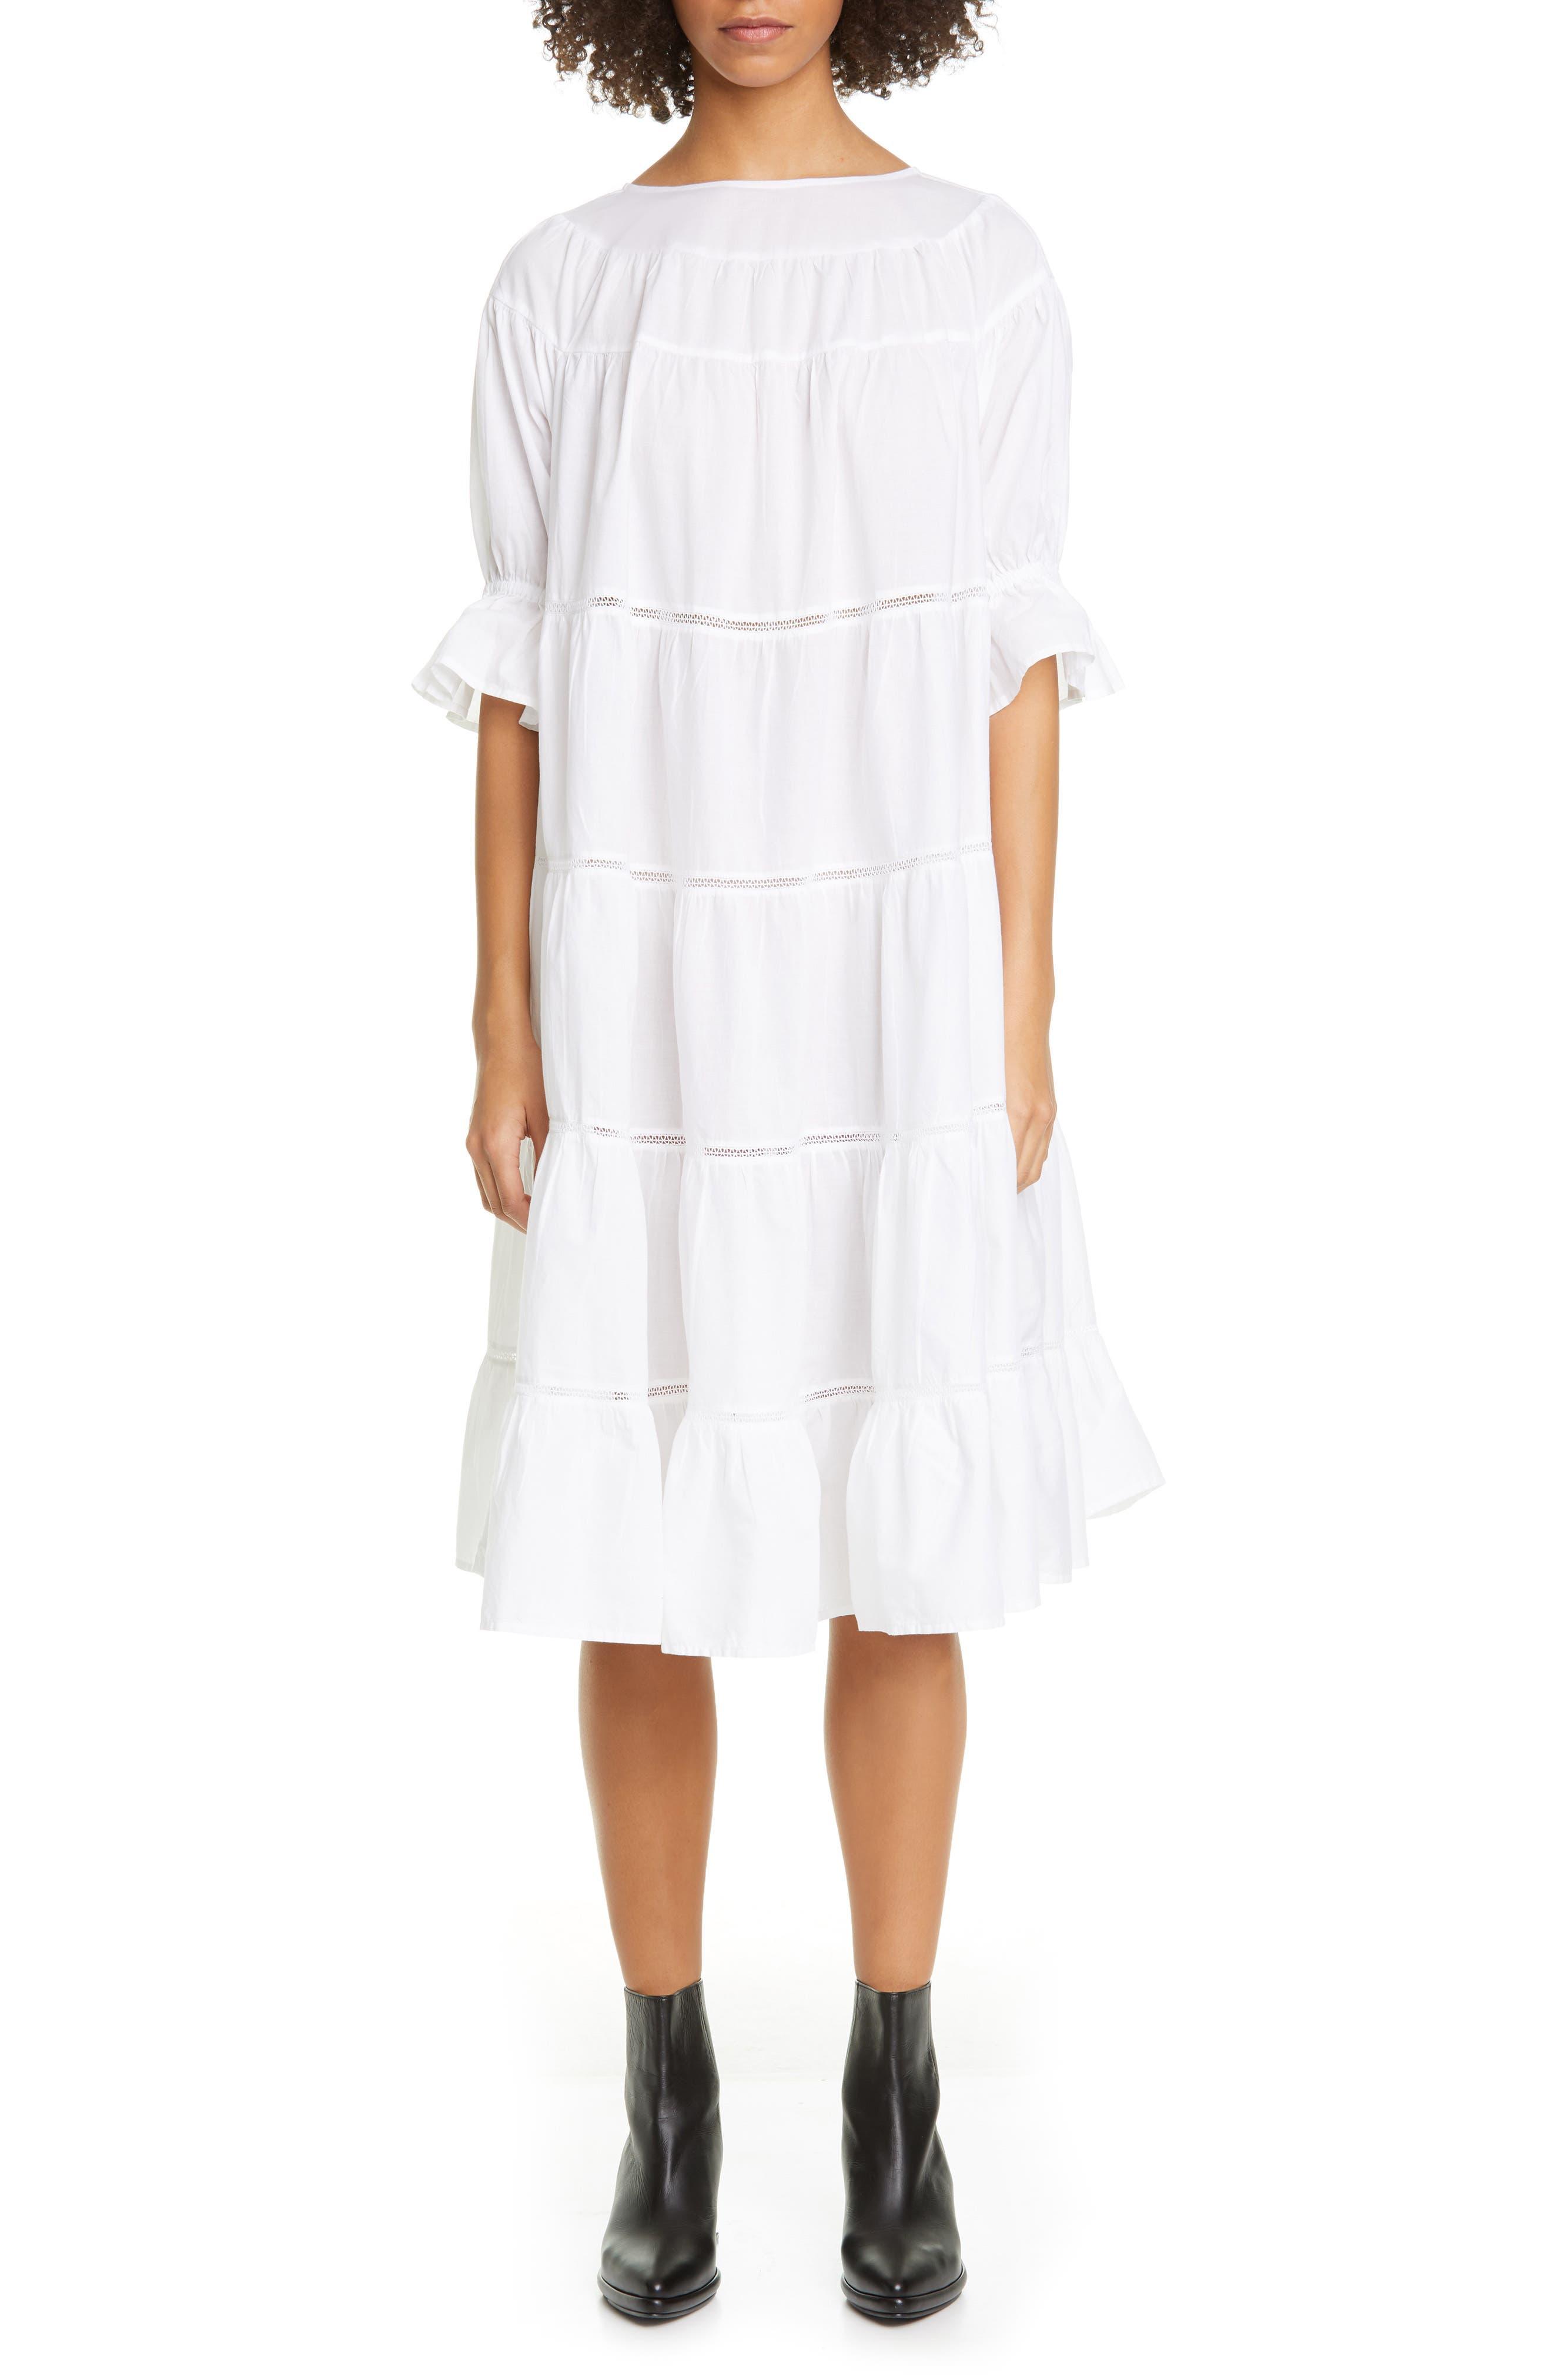 Paradis Open Tier Cotton Dress